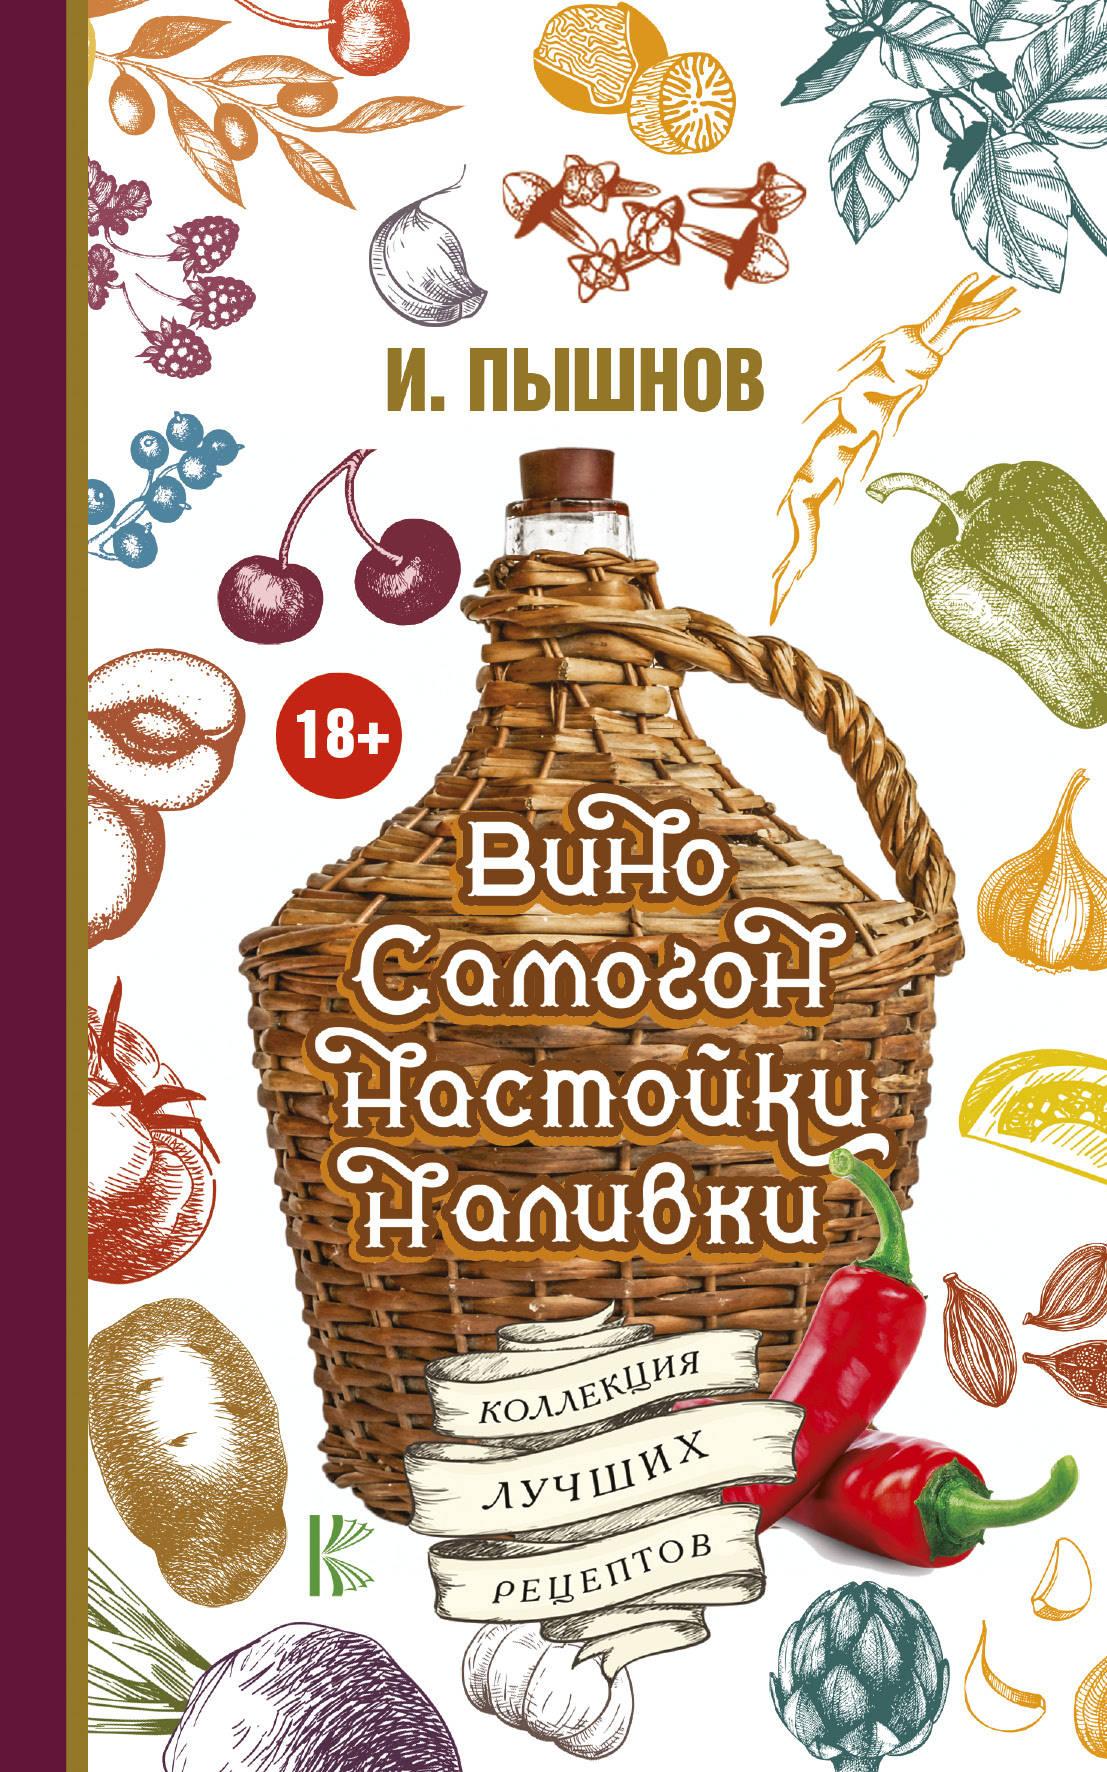 И. Пышнов Вино, самогон, настойки, наливки. Коллекция лучших рецептов